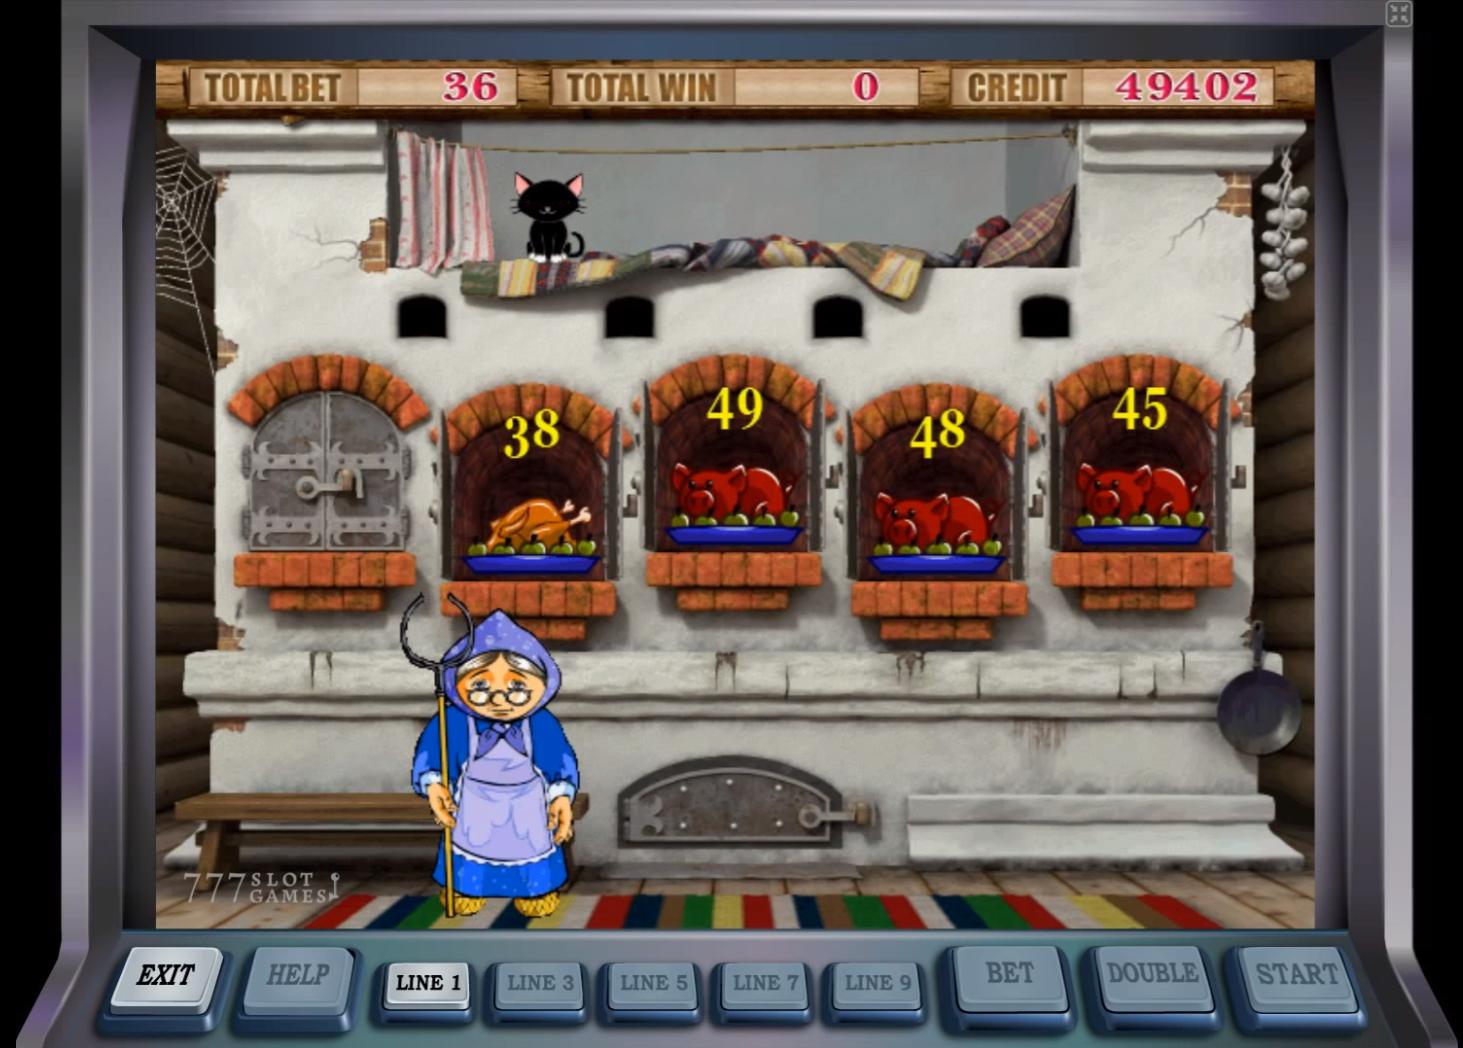 Можно ли реально выиграть в интернет казино